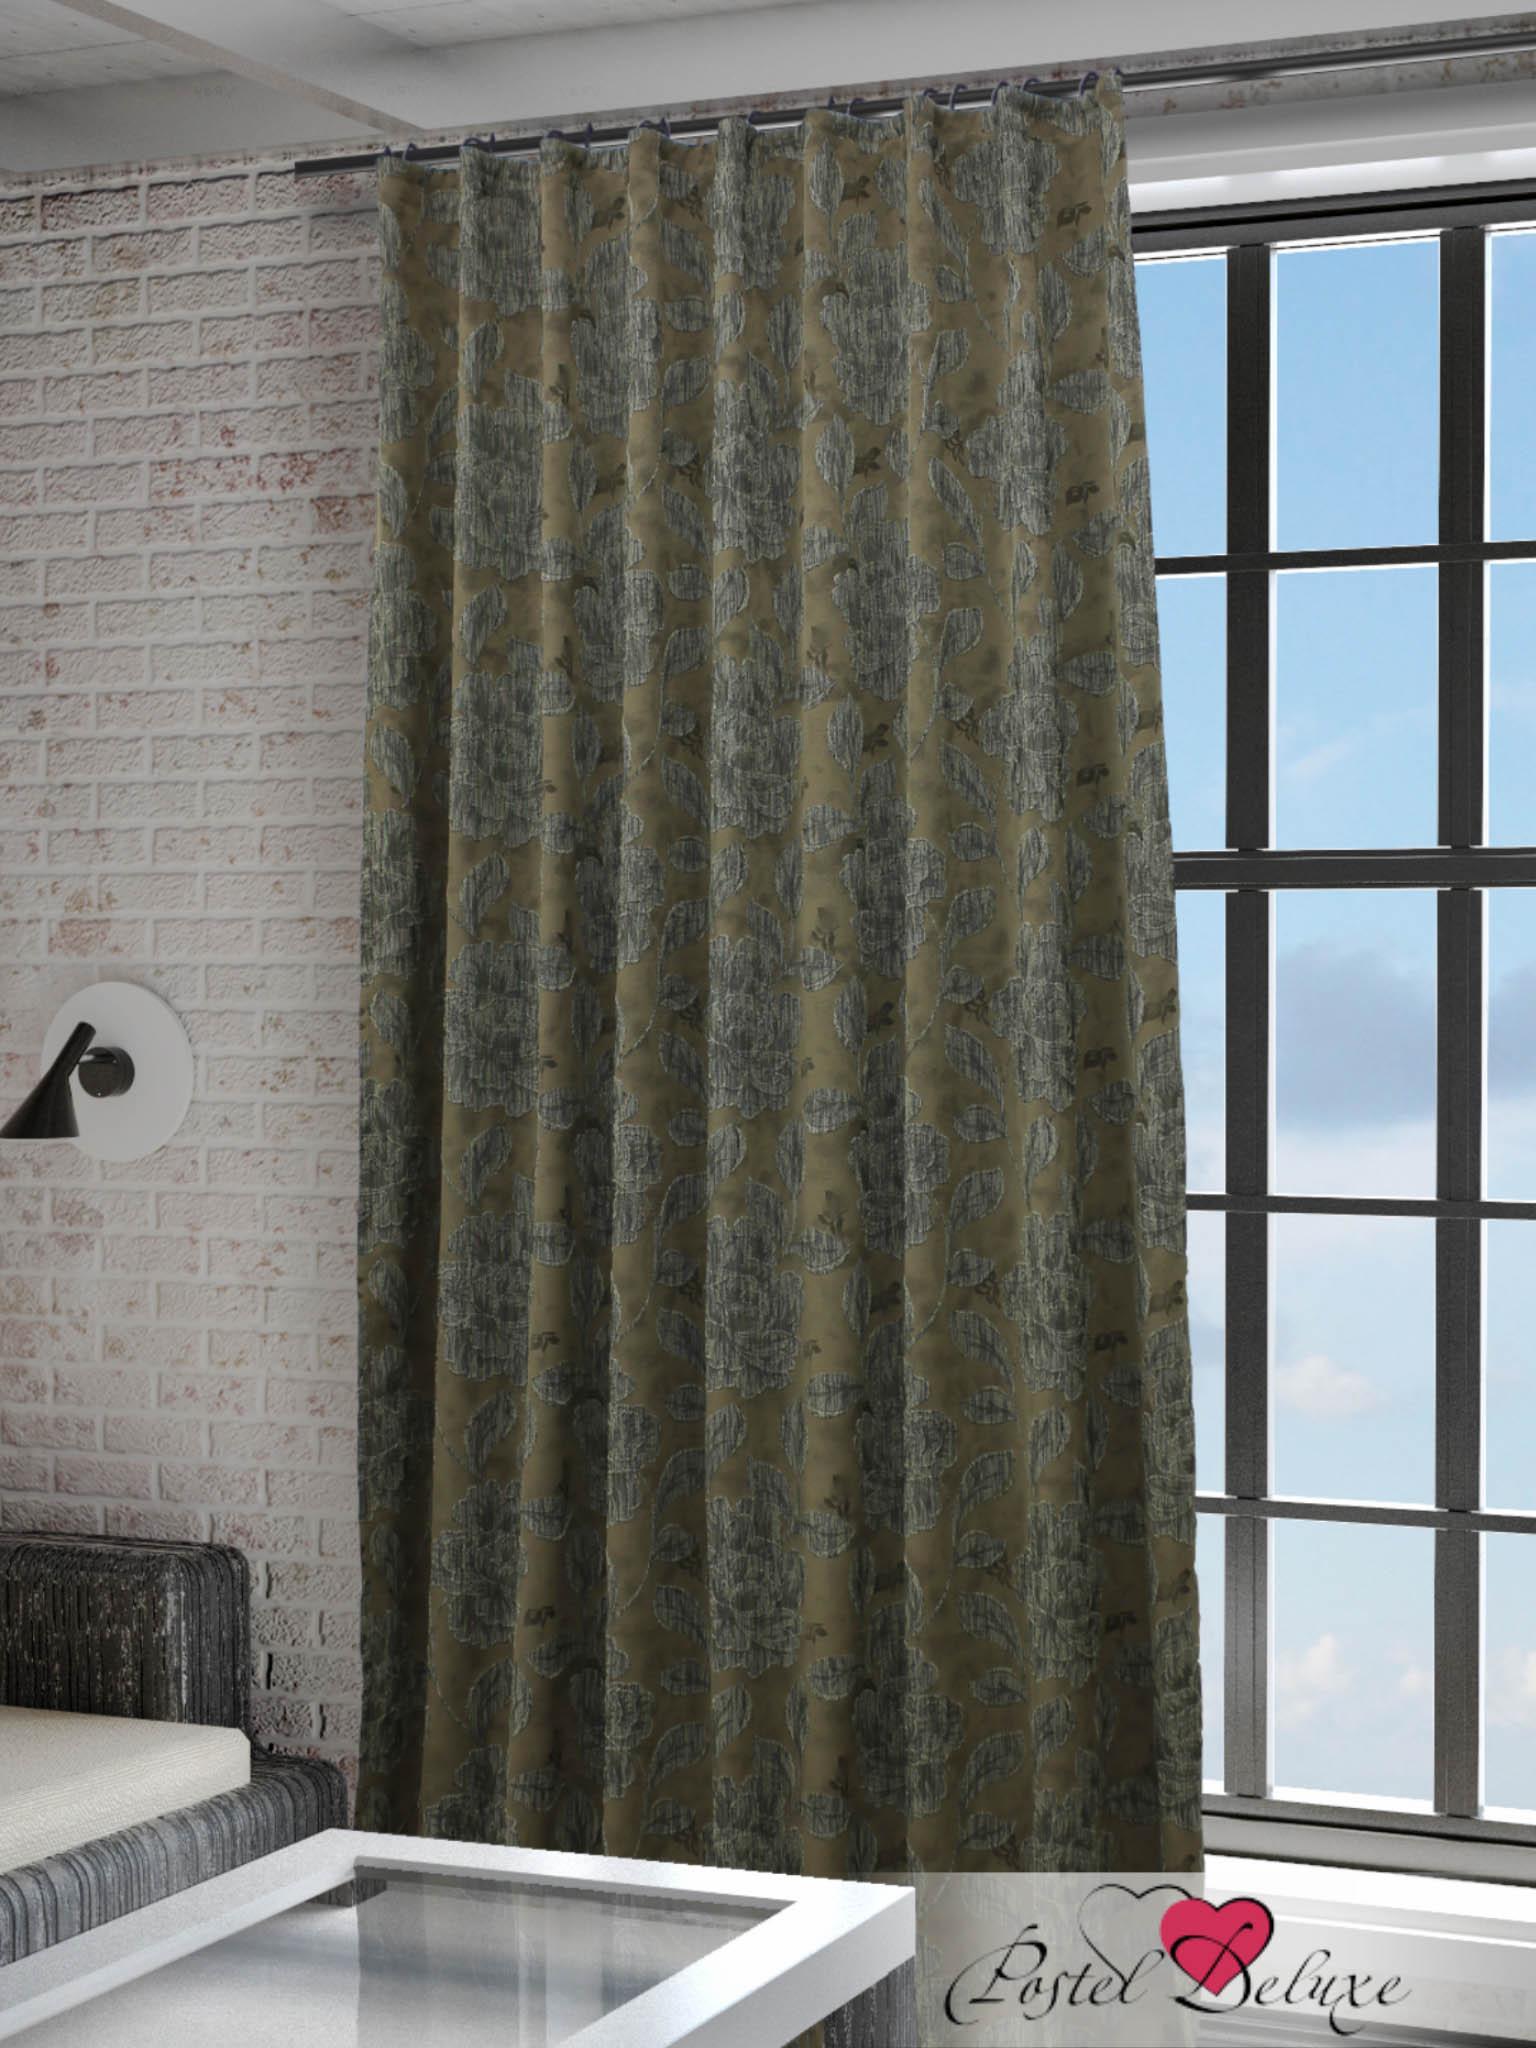 Купить Шторы Sanpa, Классические шторы Gorden Цвет: Серо-Коричневый, Россия, Коричневый, Серый, Жаккард